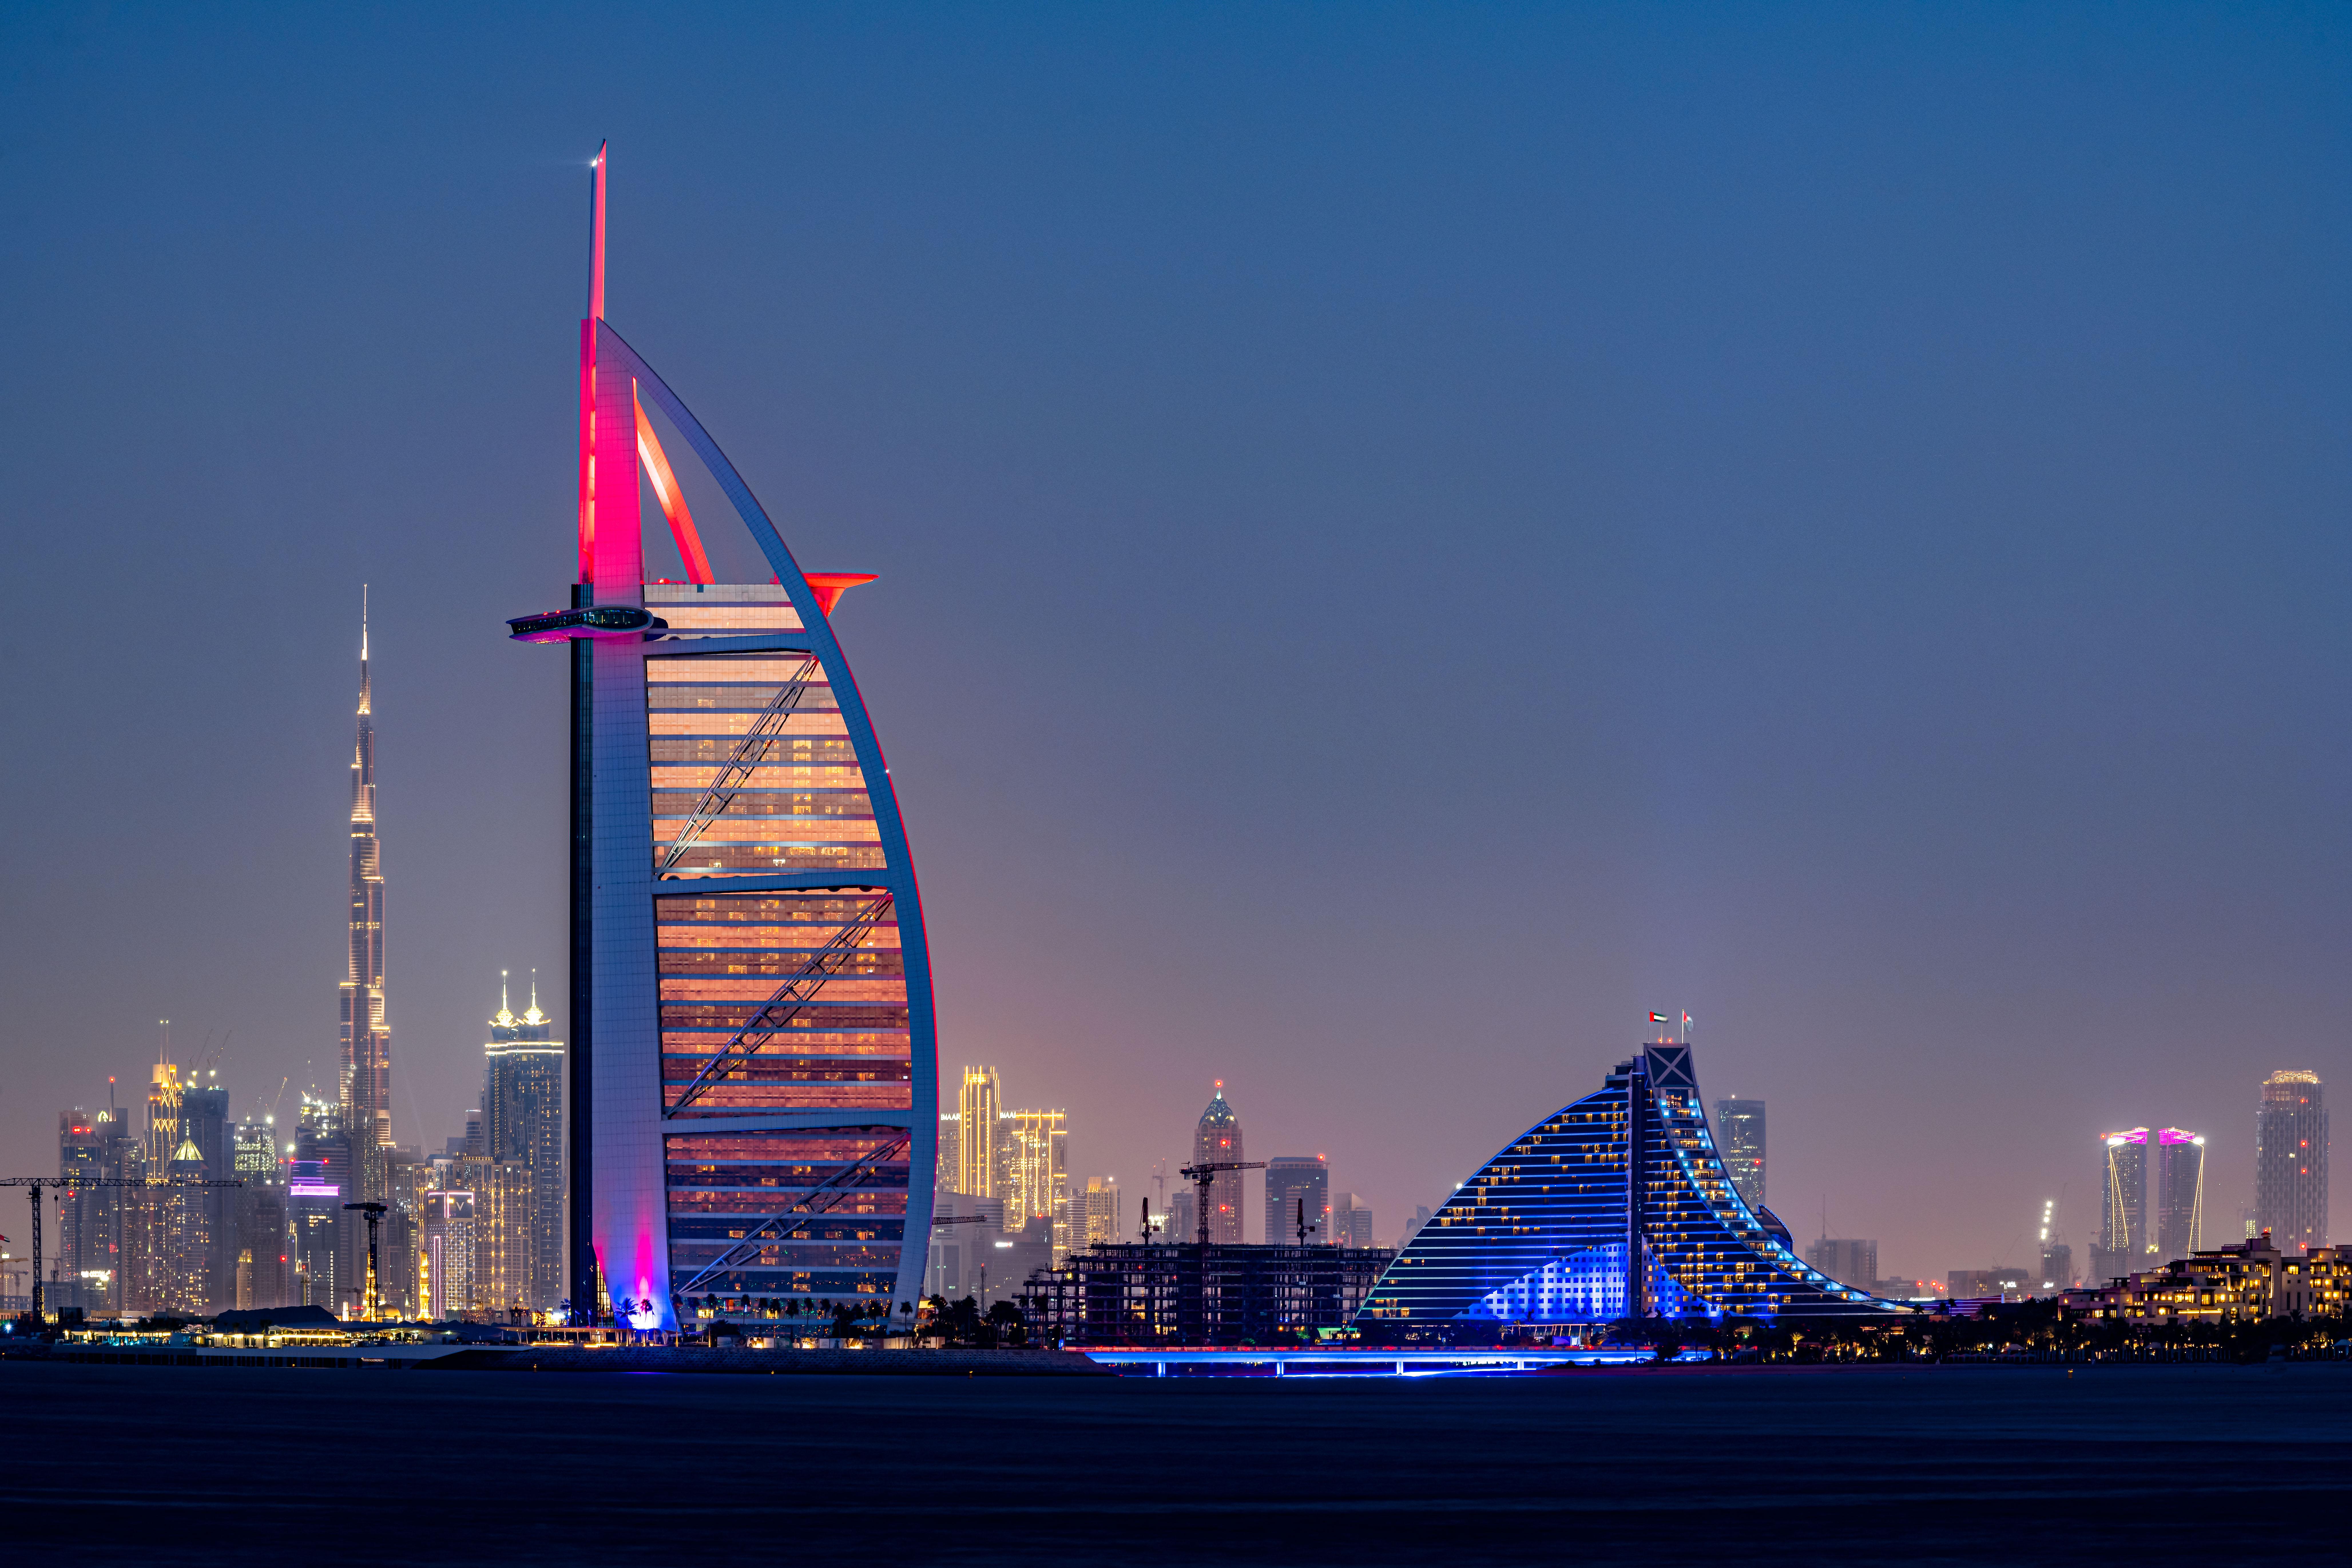 The Burj Al Arab & Jumeirah Beach Hotel, with Burj Khalifa in the background.